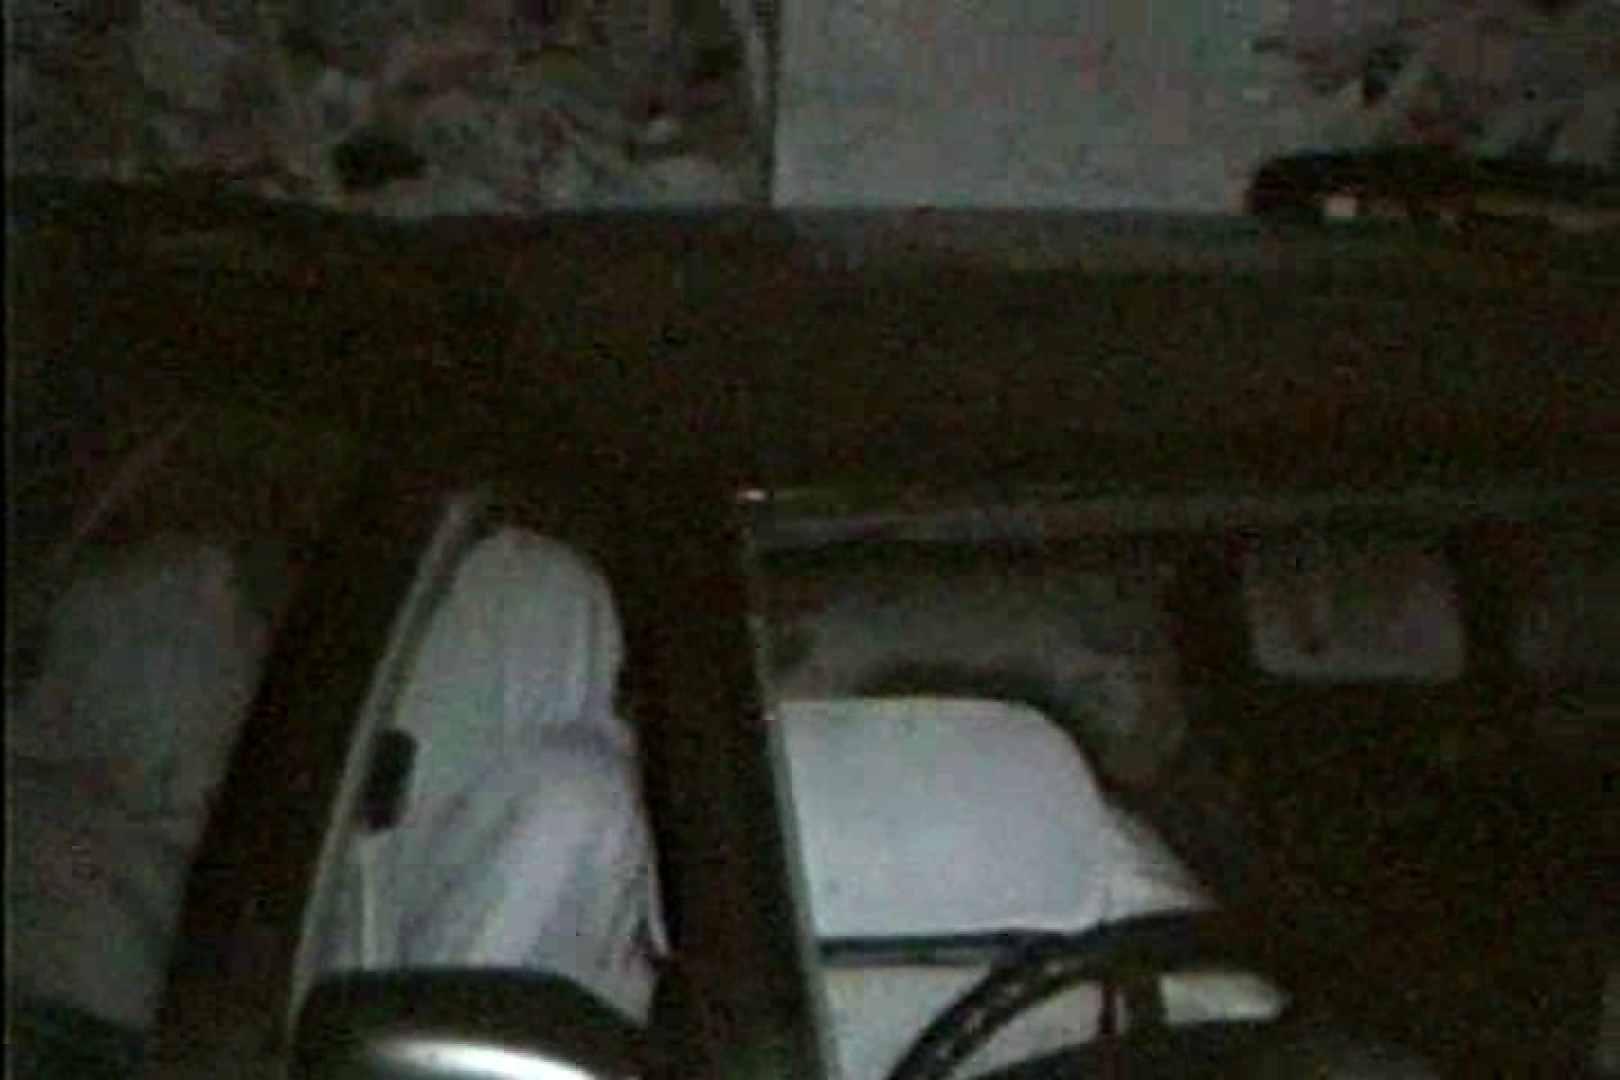 車の中はラブホテル 無修正版  Vol.6 車の中のカップル オマンコ動画キャプチャ 89画像 52